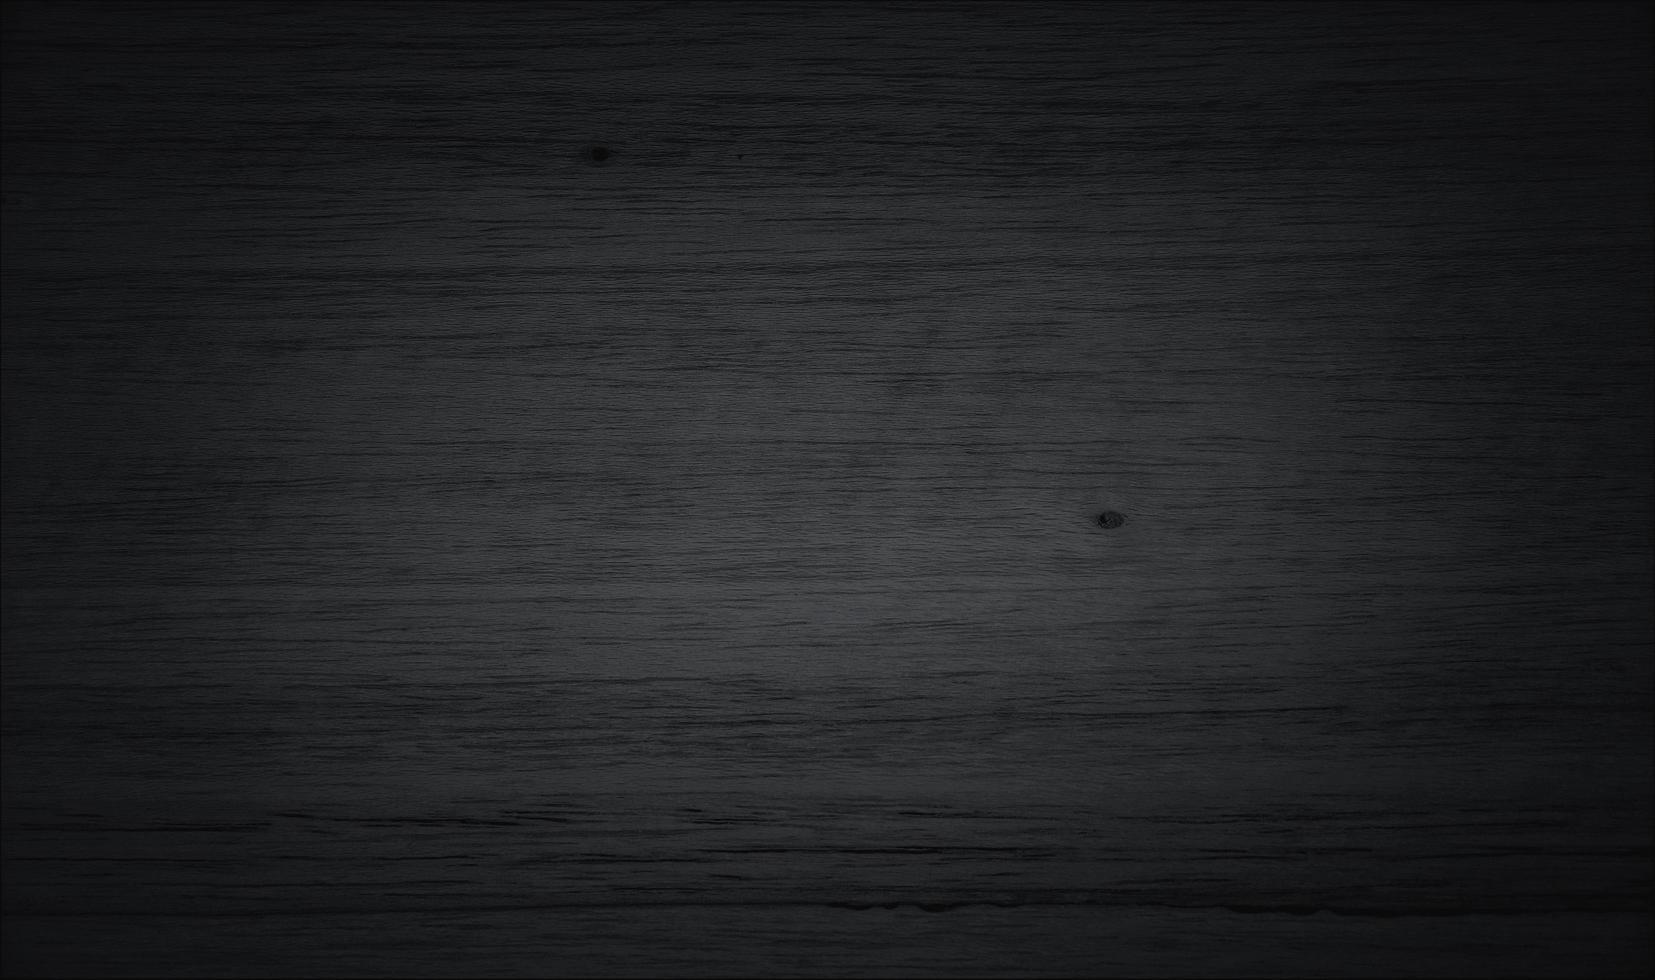 zwarte rustieke achtergrond foto